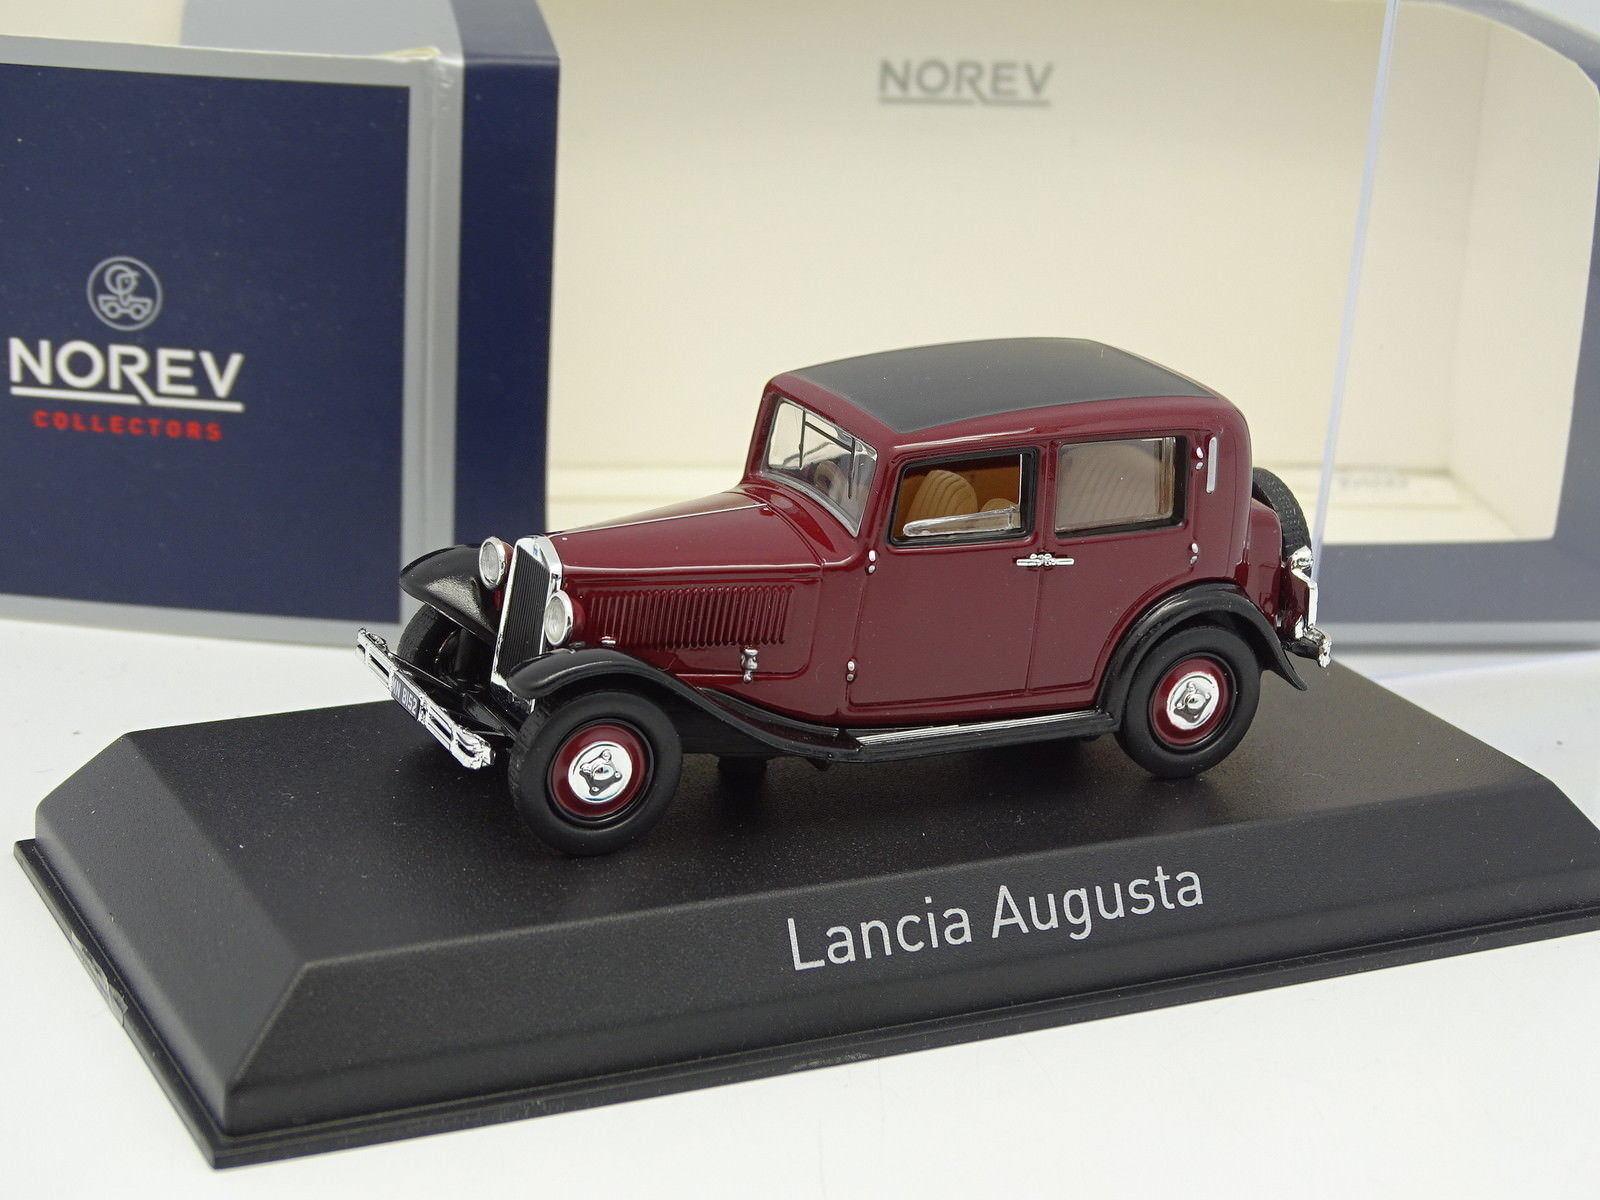 Norev 1 43 - Lancia Augusta red